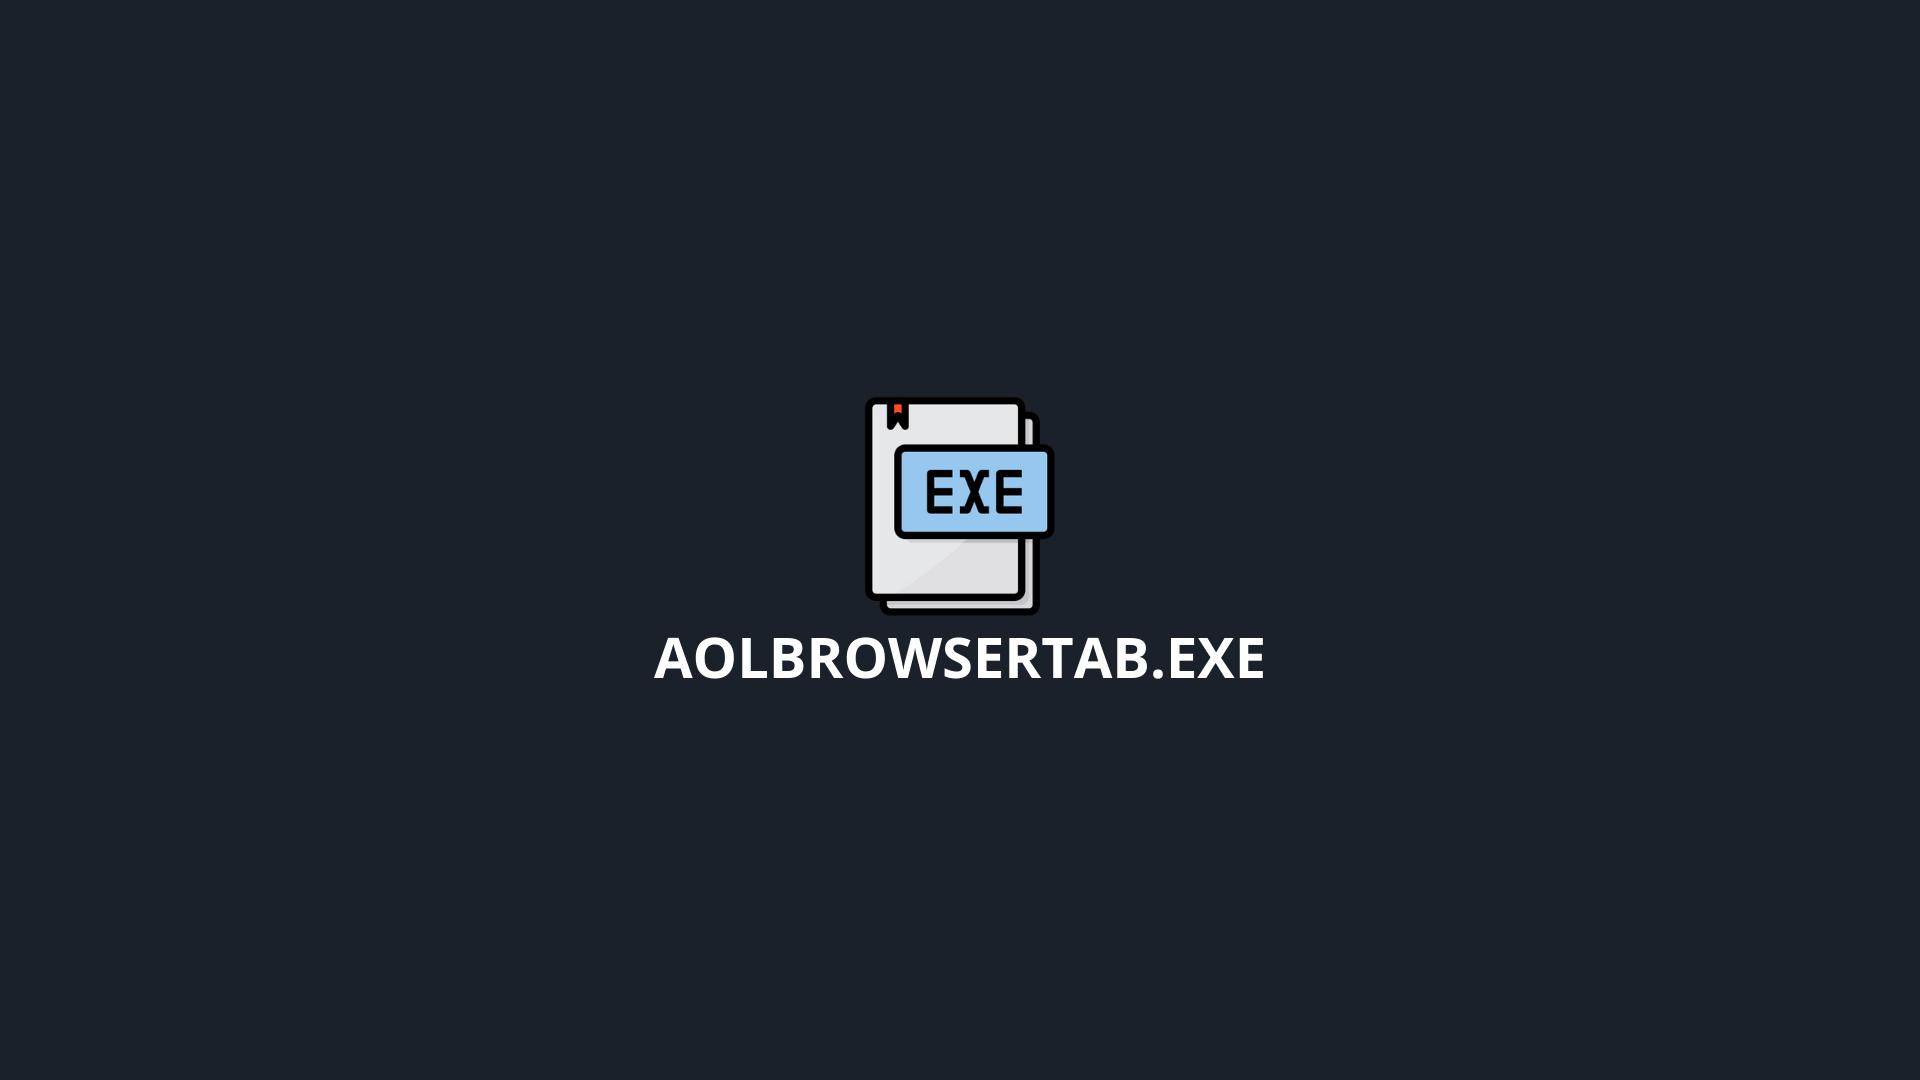 AolBrowserTab.exe